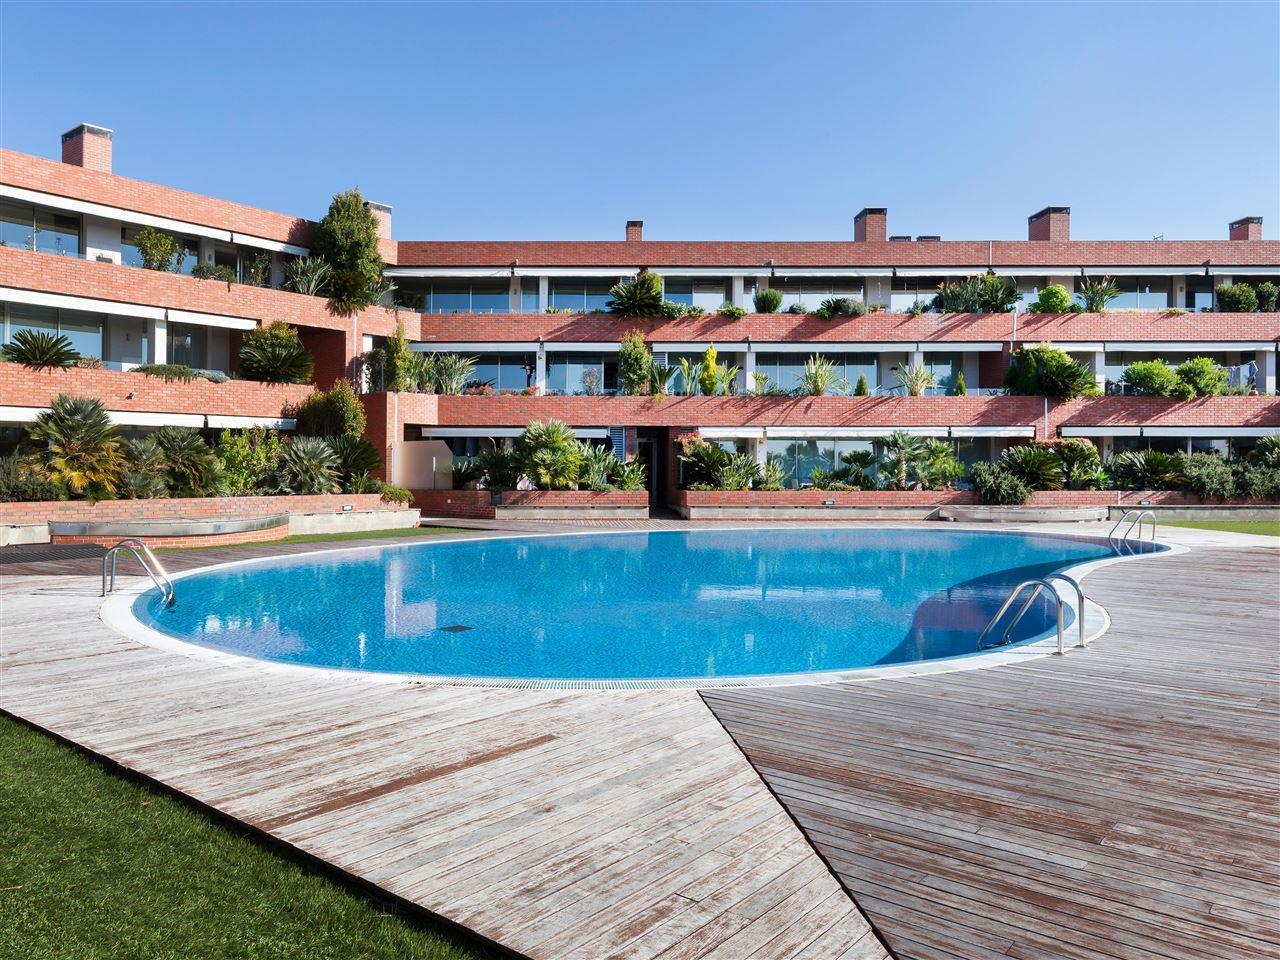 公寓 为 销售 在 Flat, 5 bedrooms, for Sale 辛特拉, 葡京, 葡萄牙